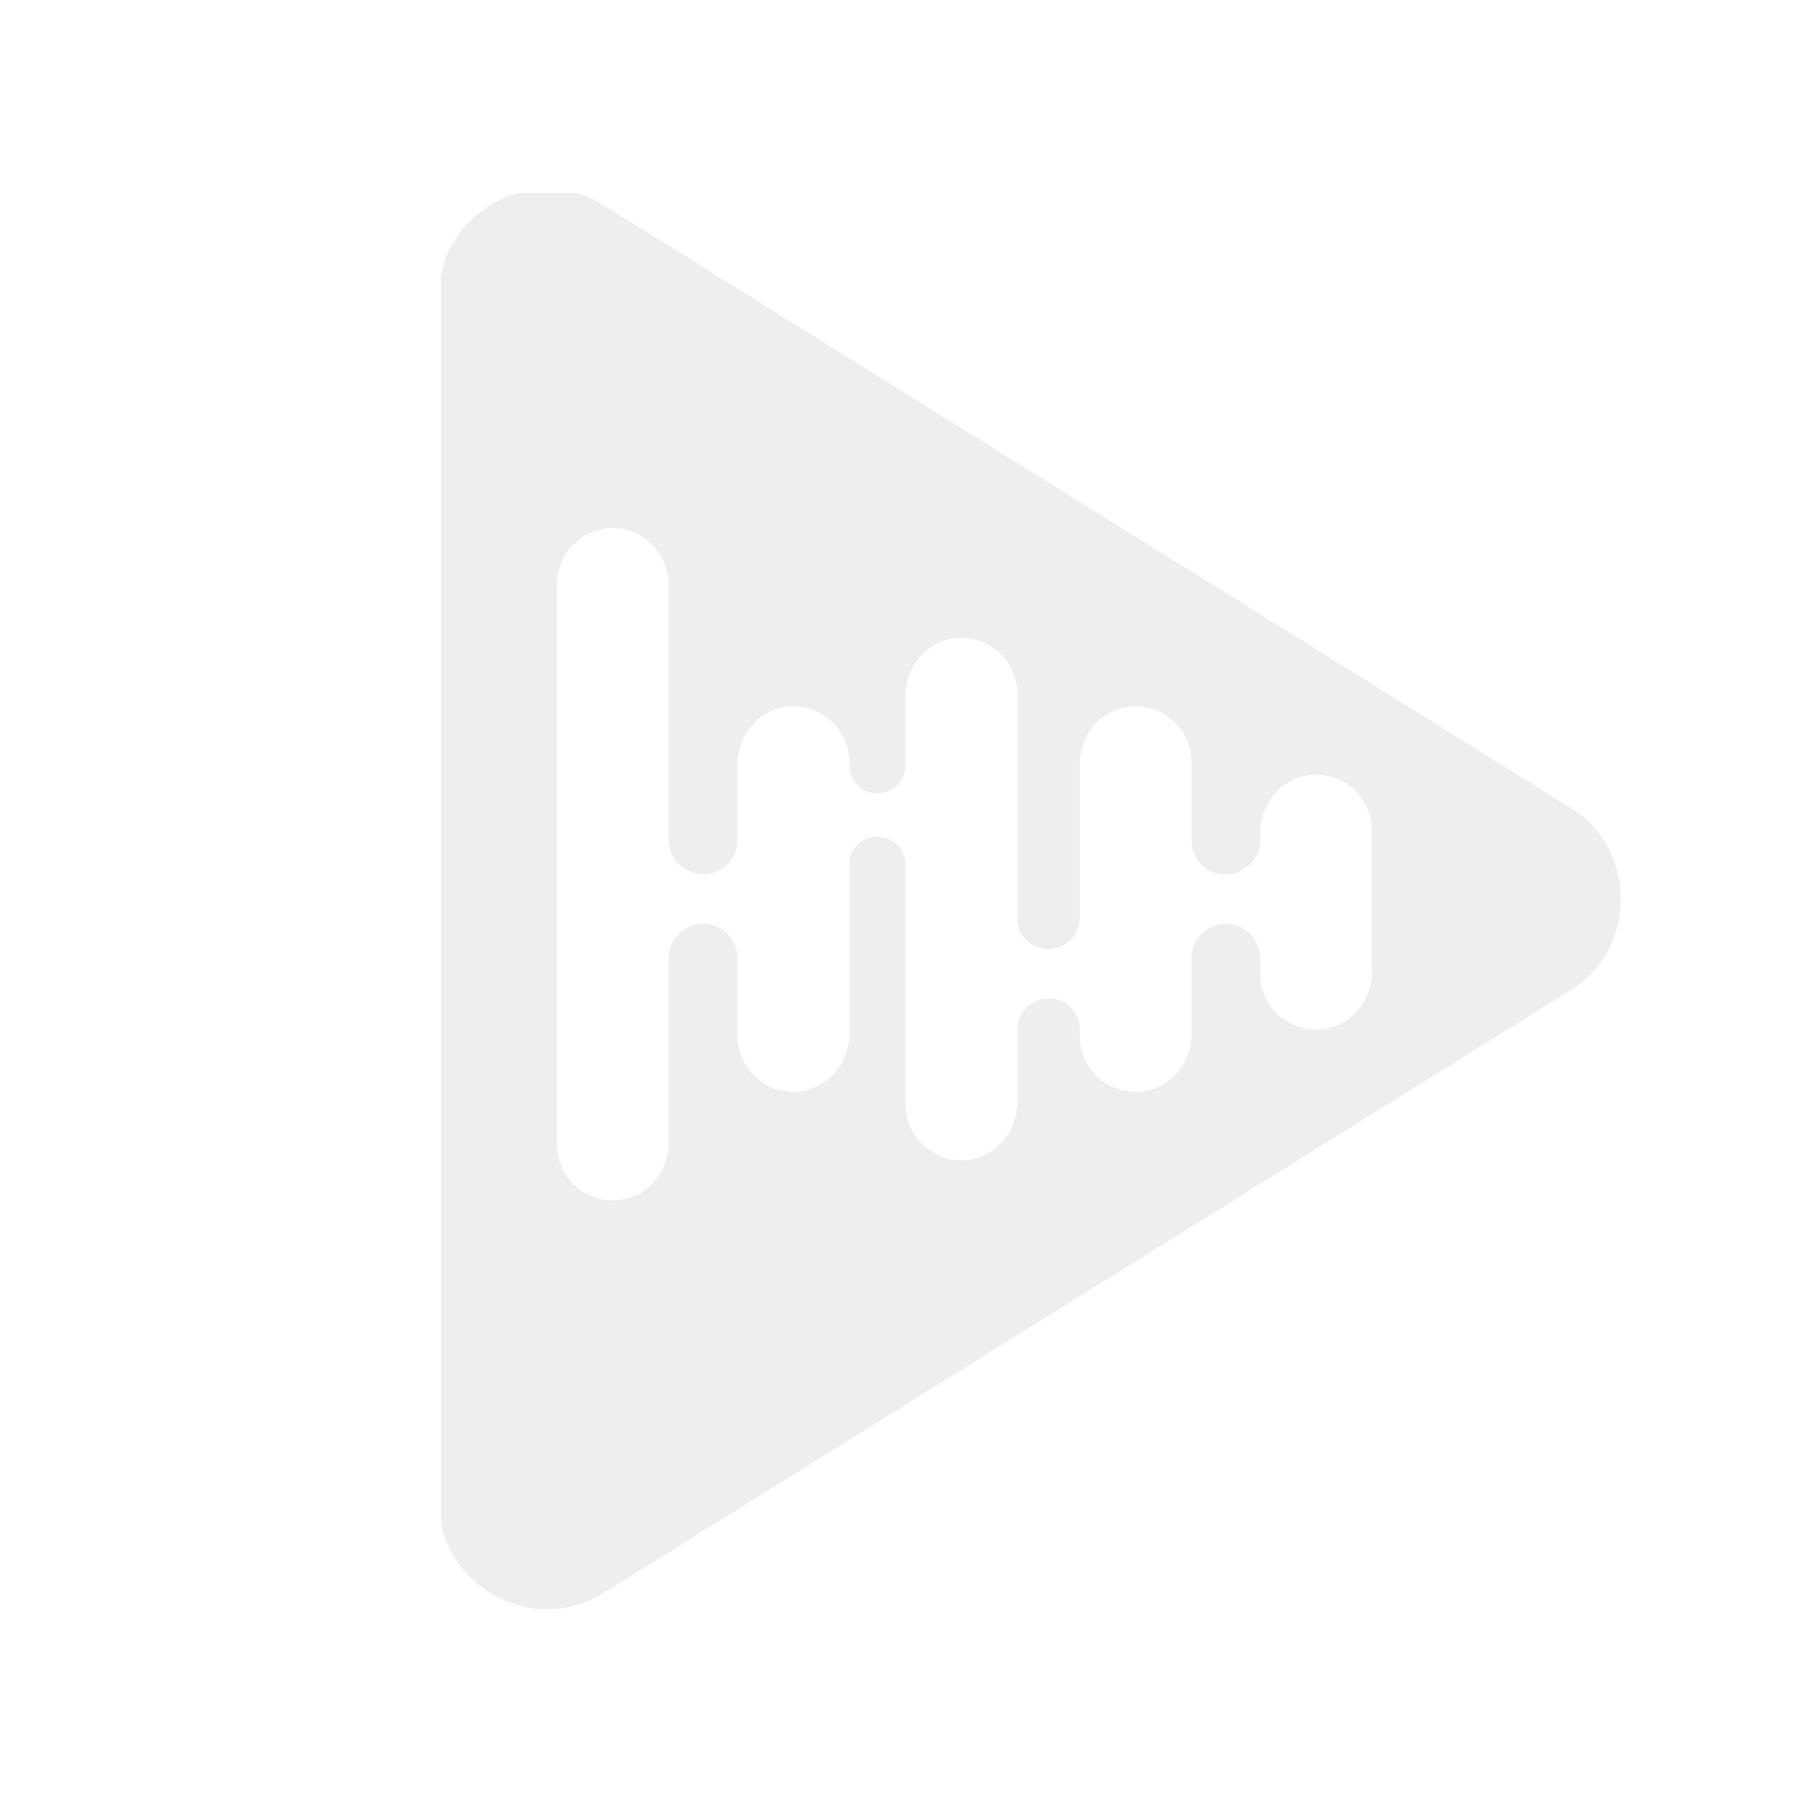 Hertz Mille Pro MPG 165.3